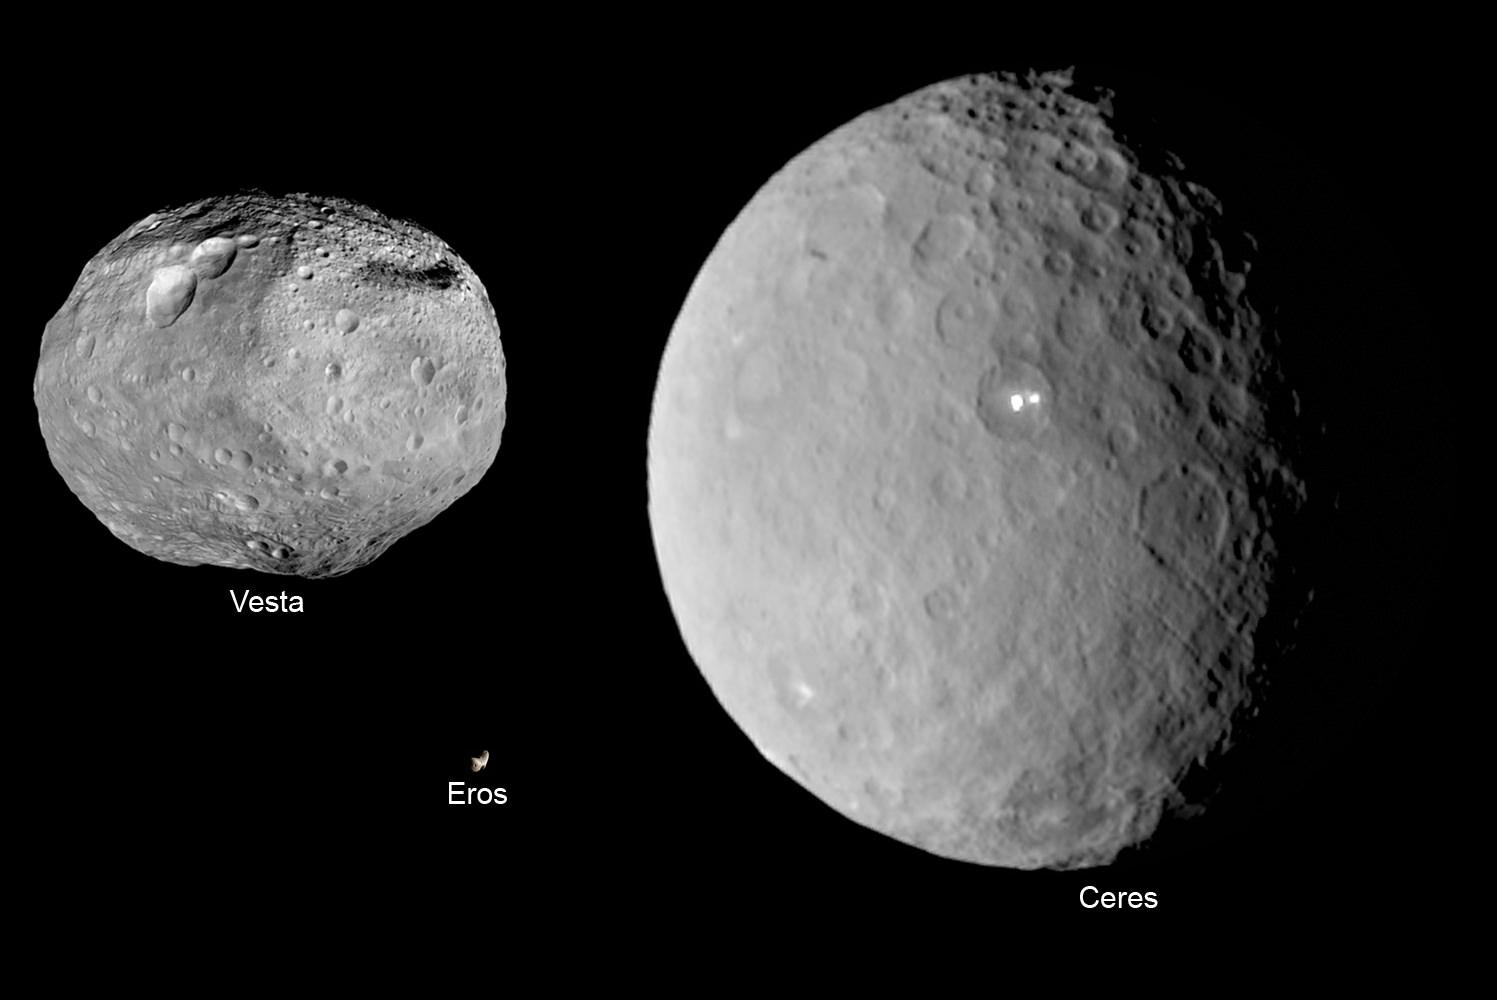 Eros_Vesta_and_Ceres_size_comparison